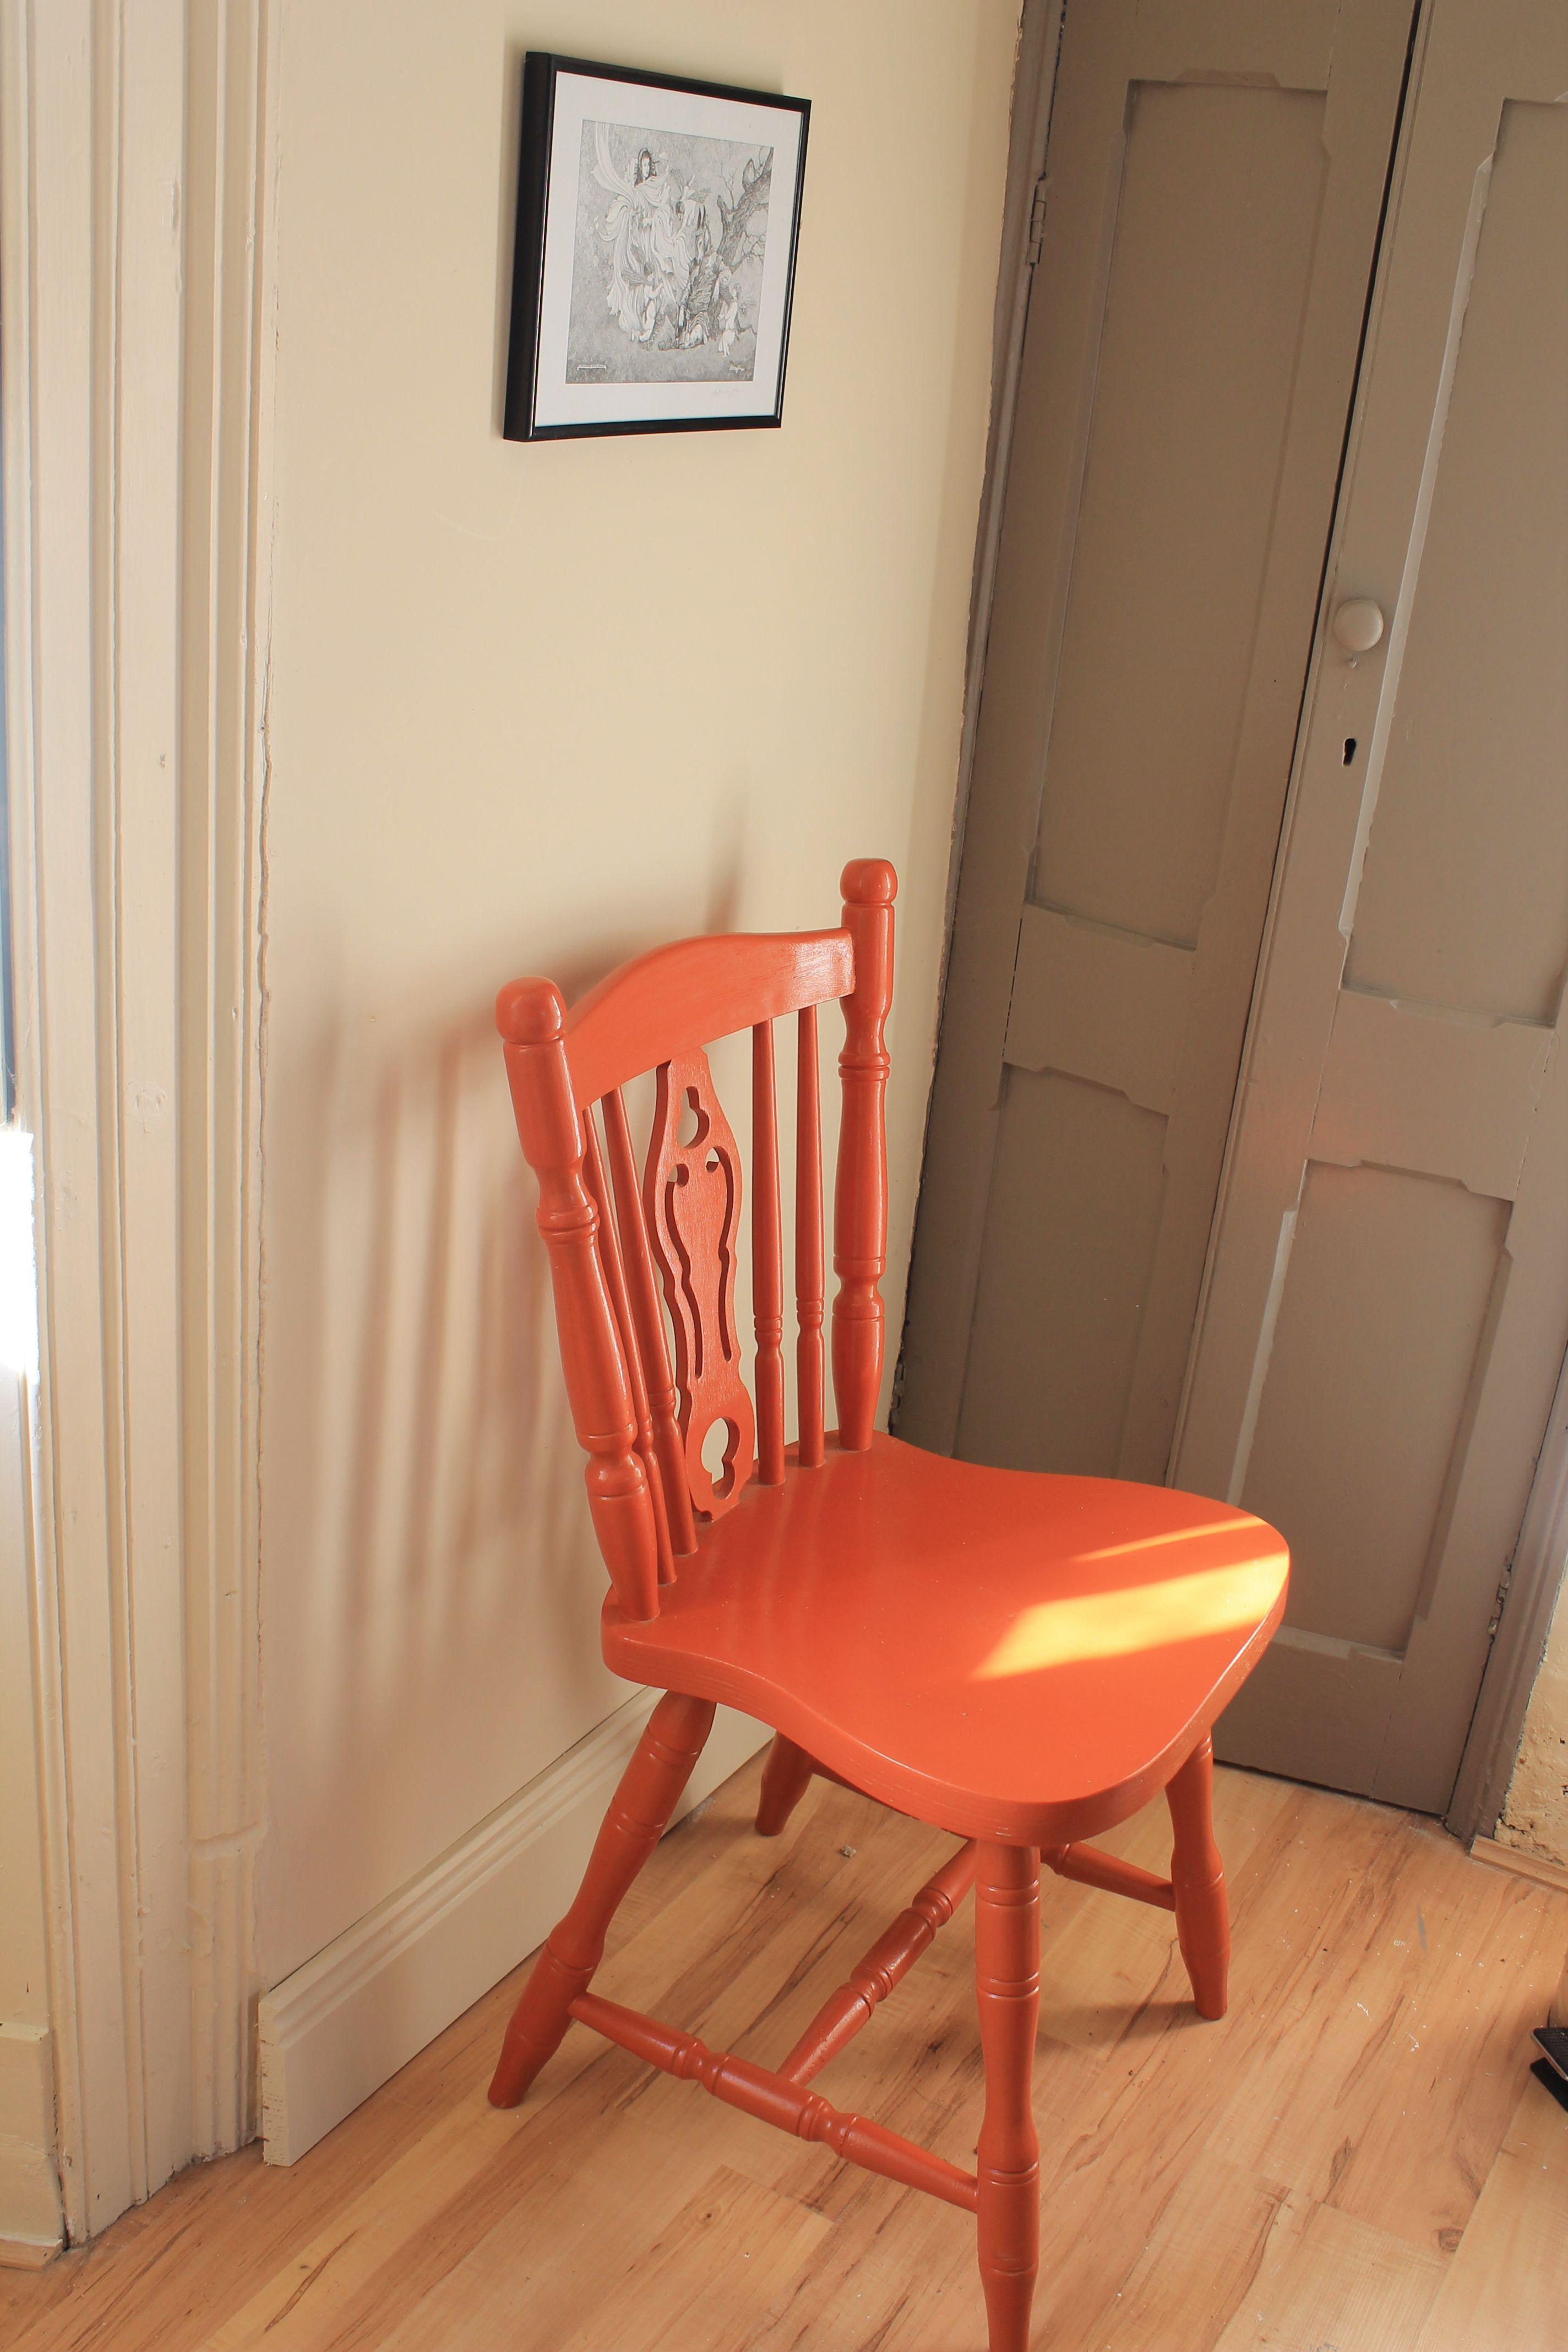 Best Chair In Farrow B*Lls Charlottes Locks Full Gloss Walls 640 x 480